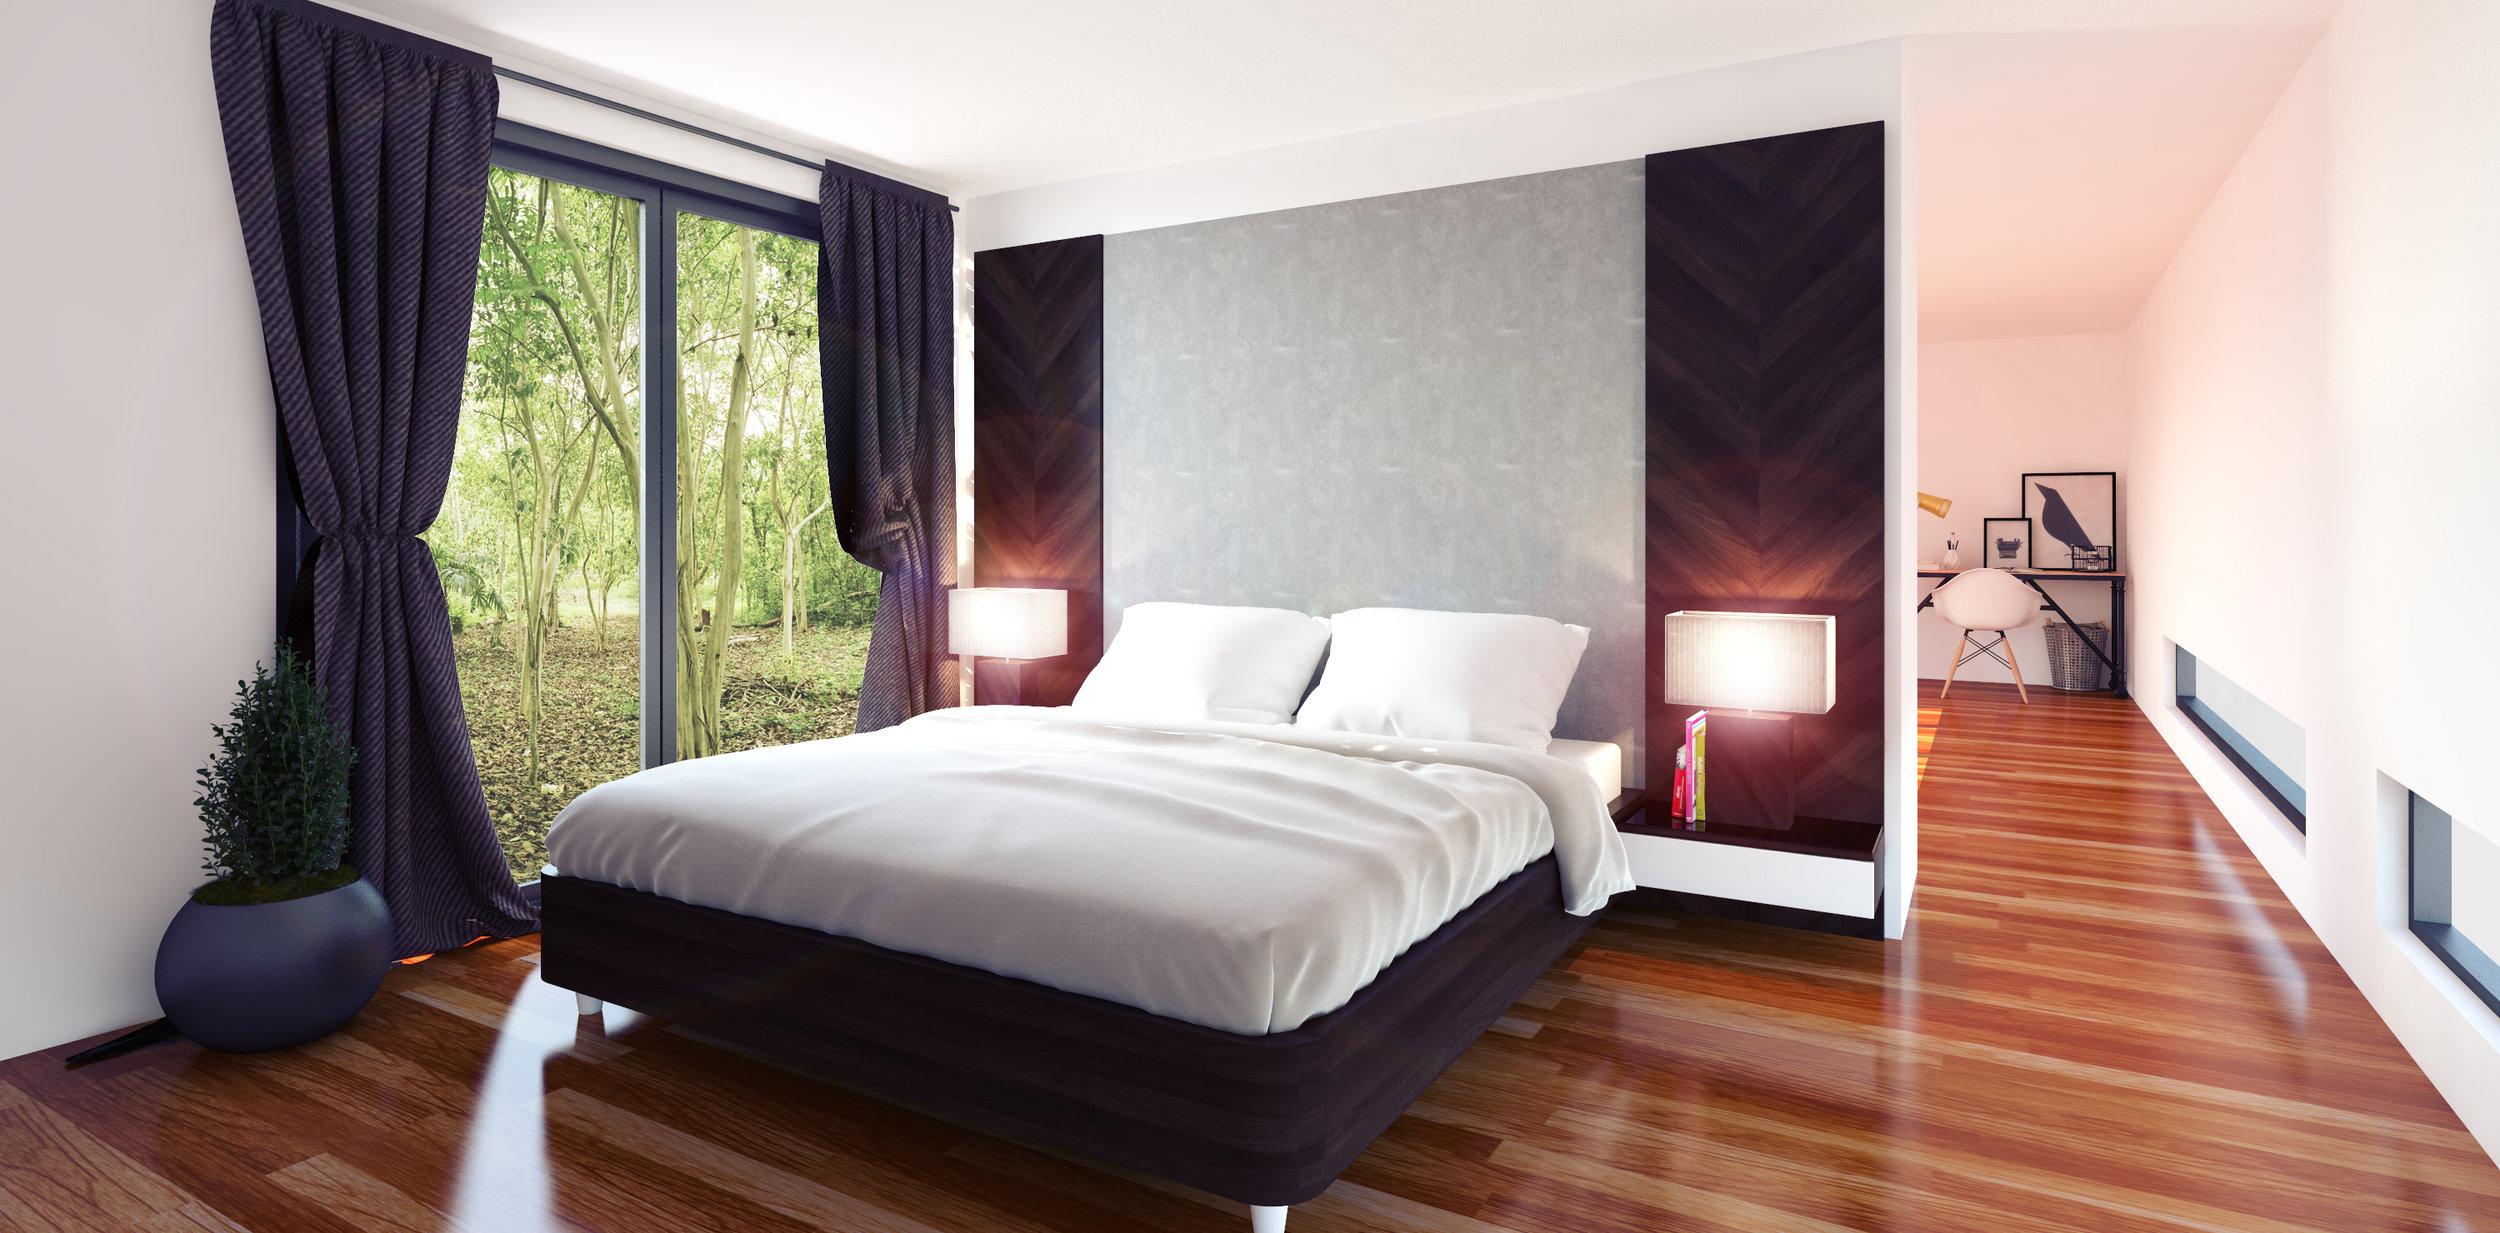 interior_bedroom_hd.jpg